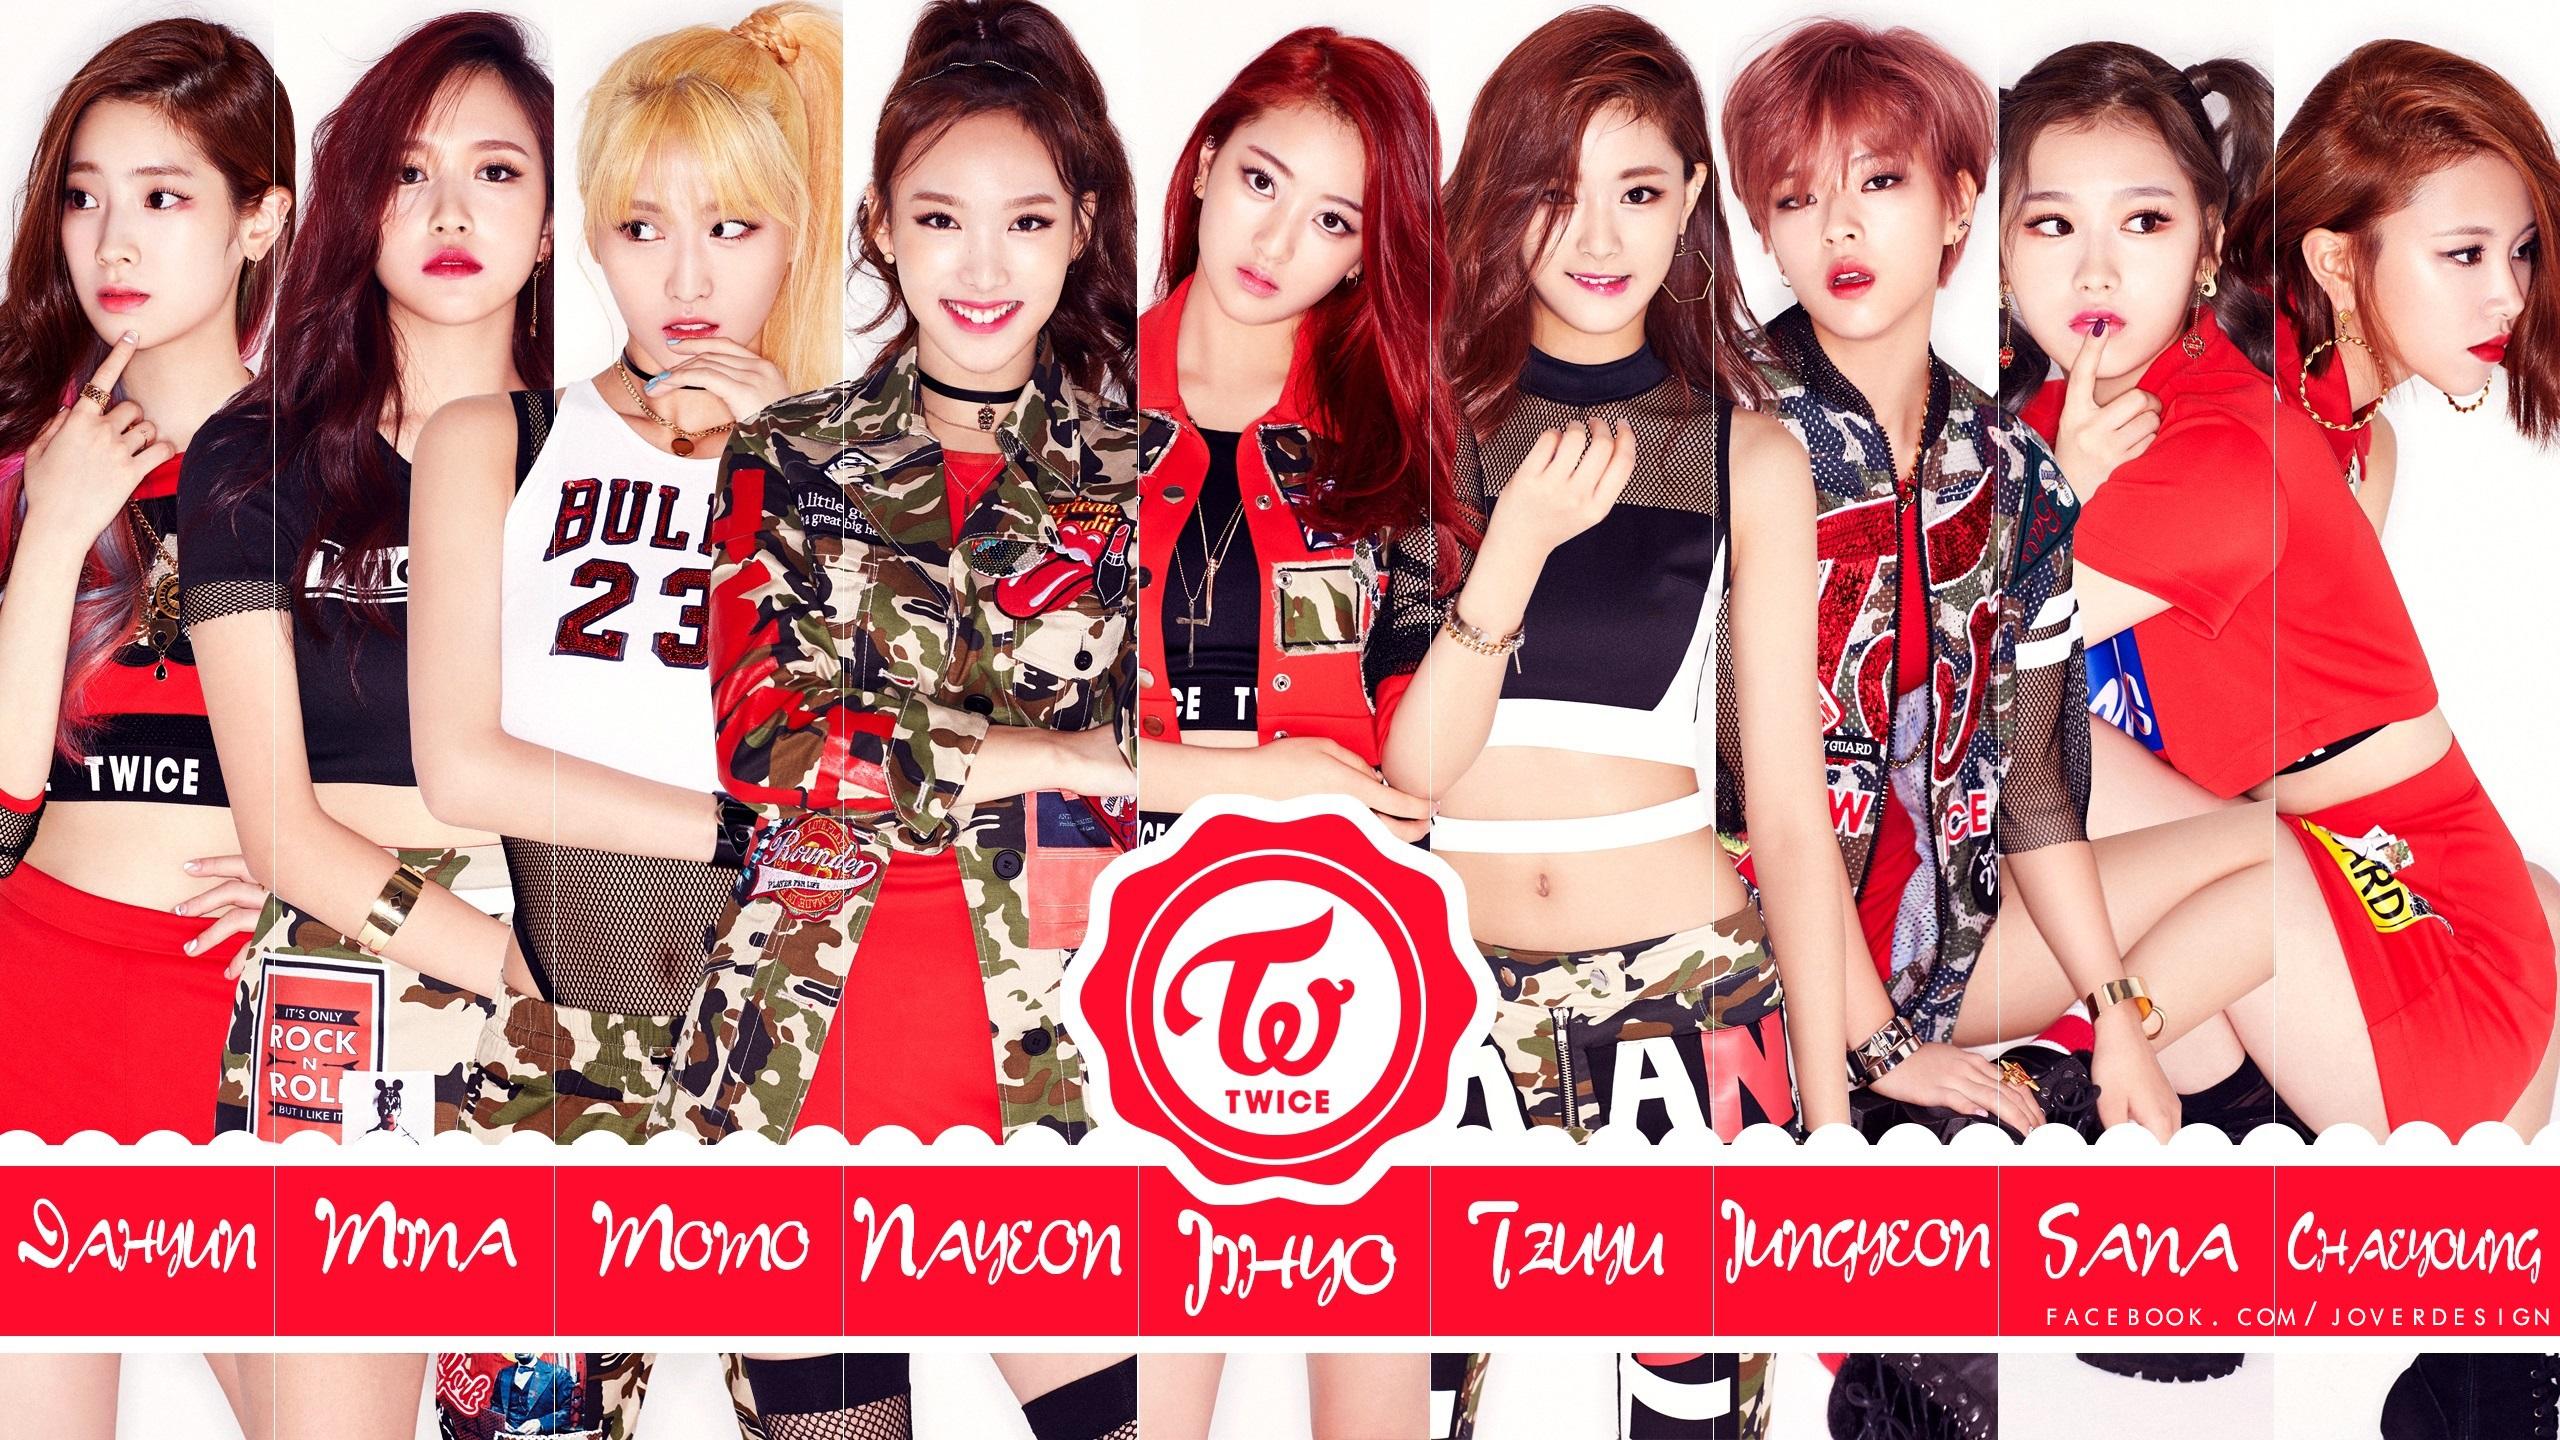 Twice K Pop Wallpaper Hd Wallpaper Background Image 2560x1440